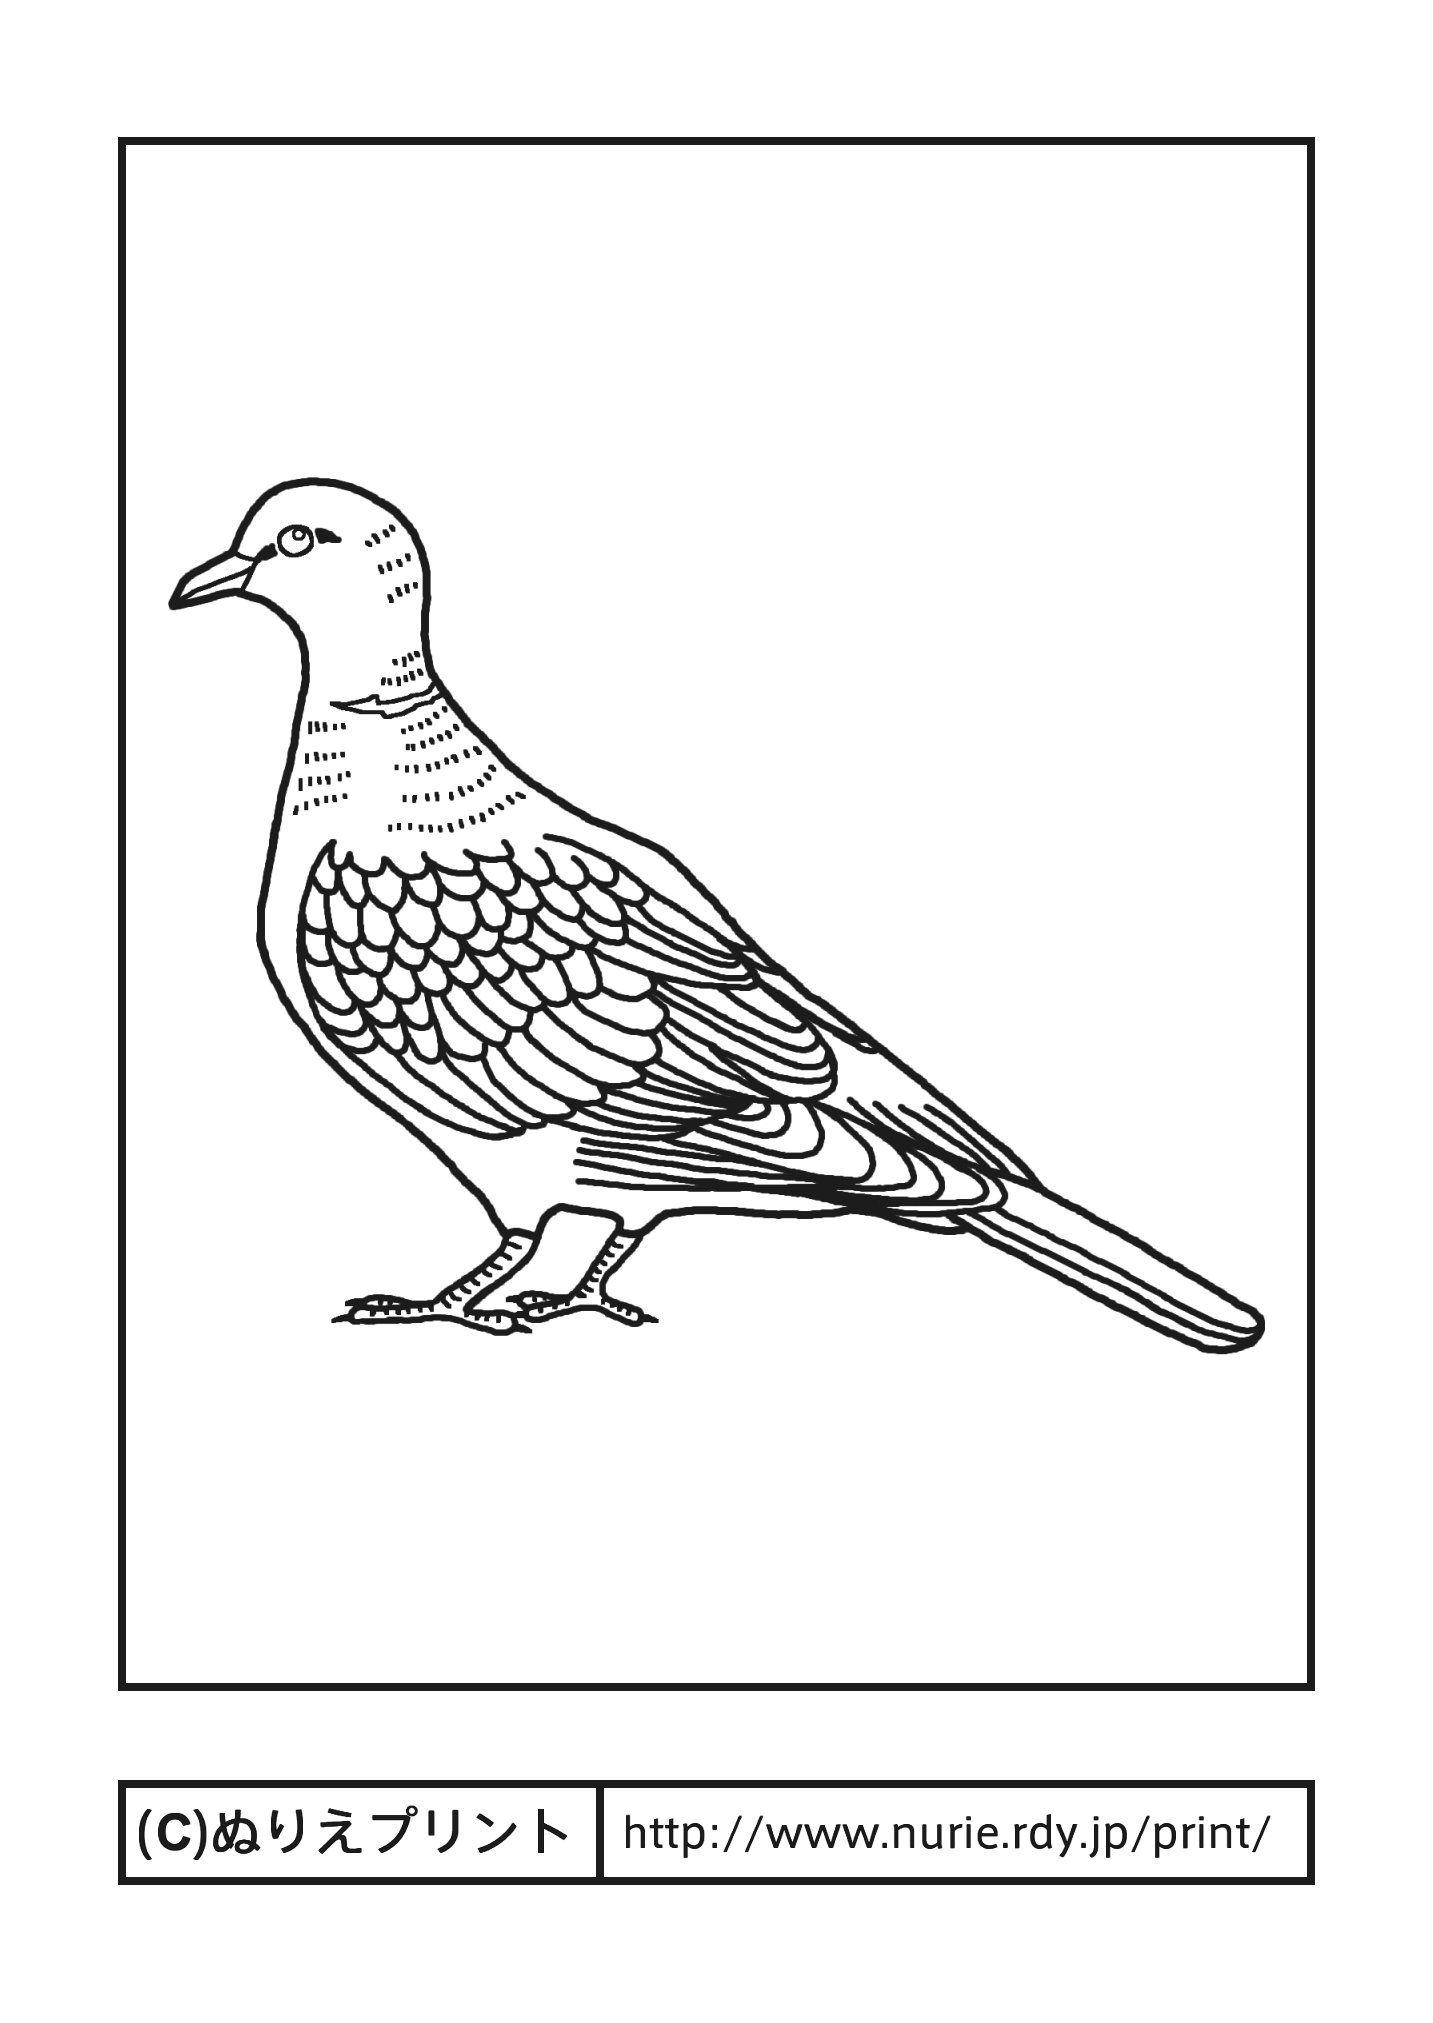 シラコバト白子鳩主線黒埼玉県の鳥無料塗り絵都道府県ぬりえ